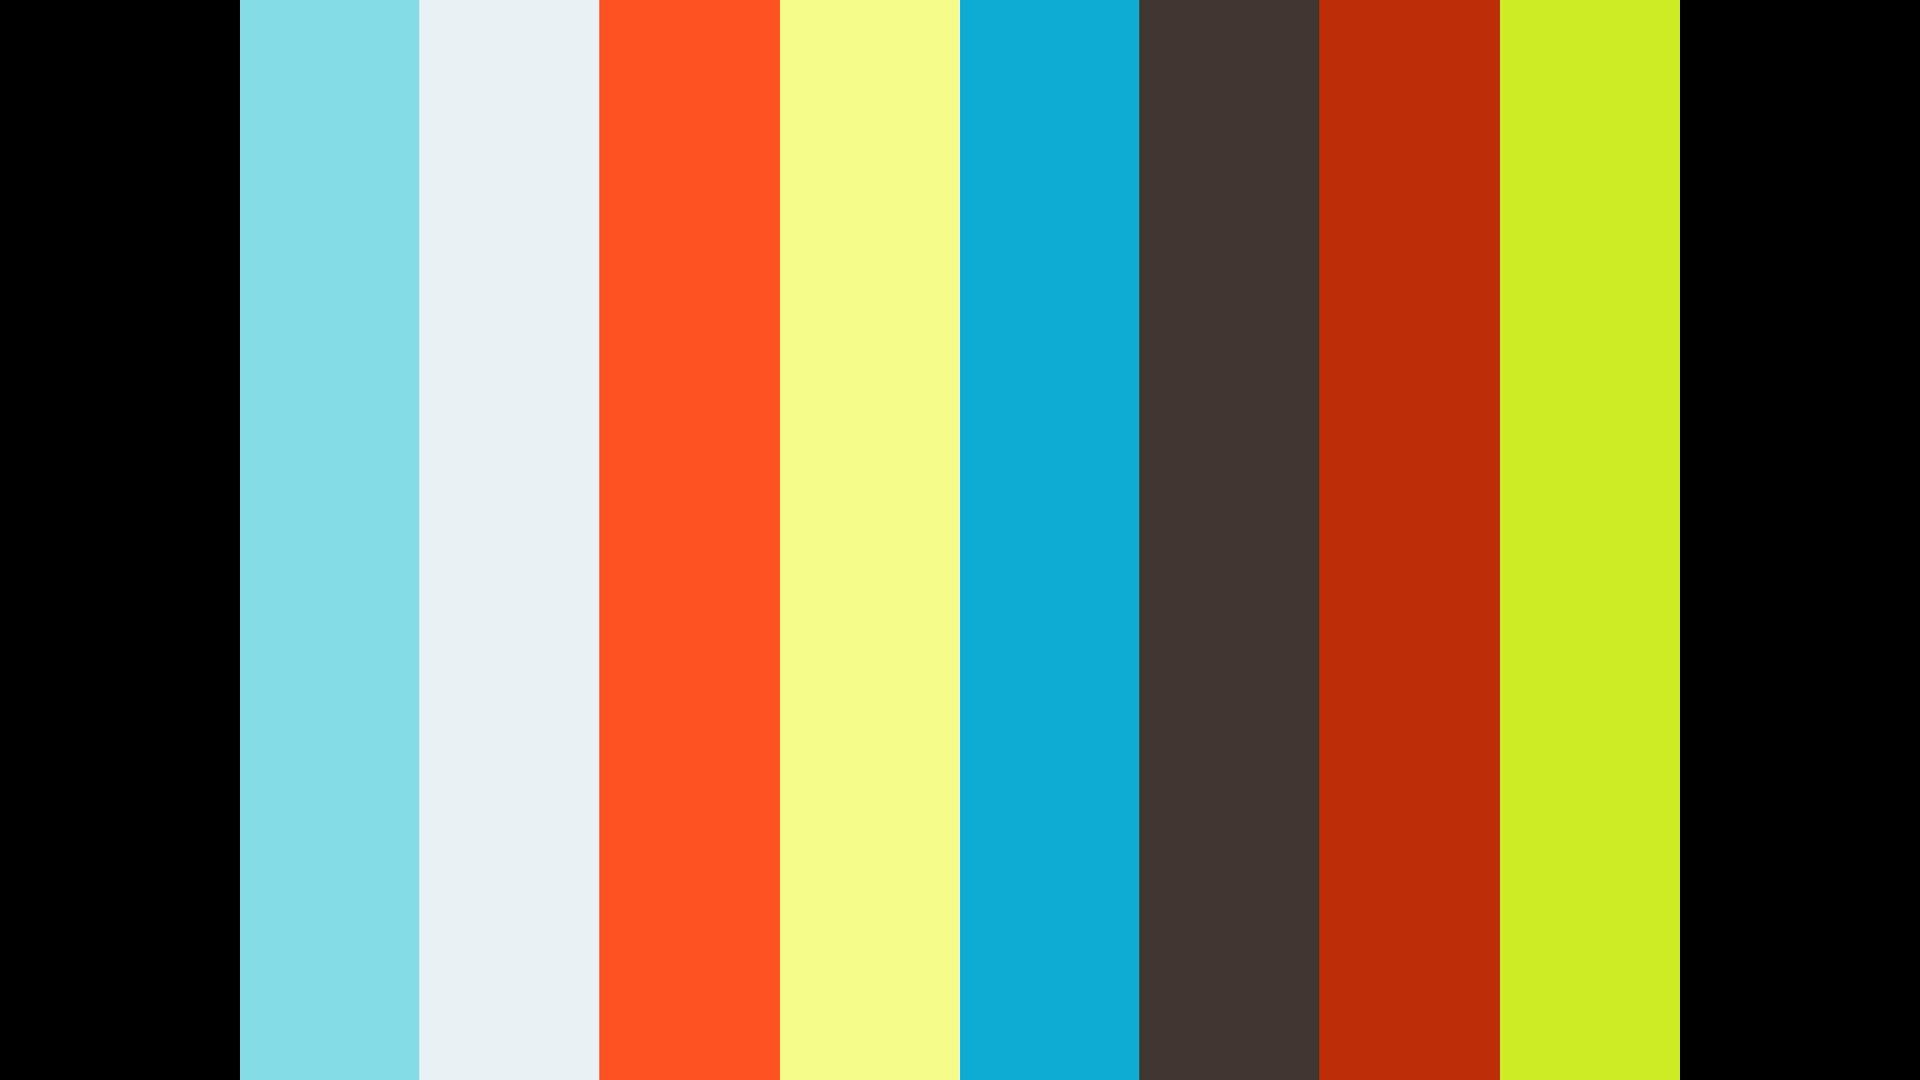 Affinity Designer - Fill Tool | Affinity Designer for